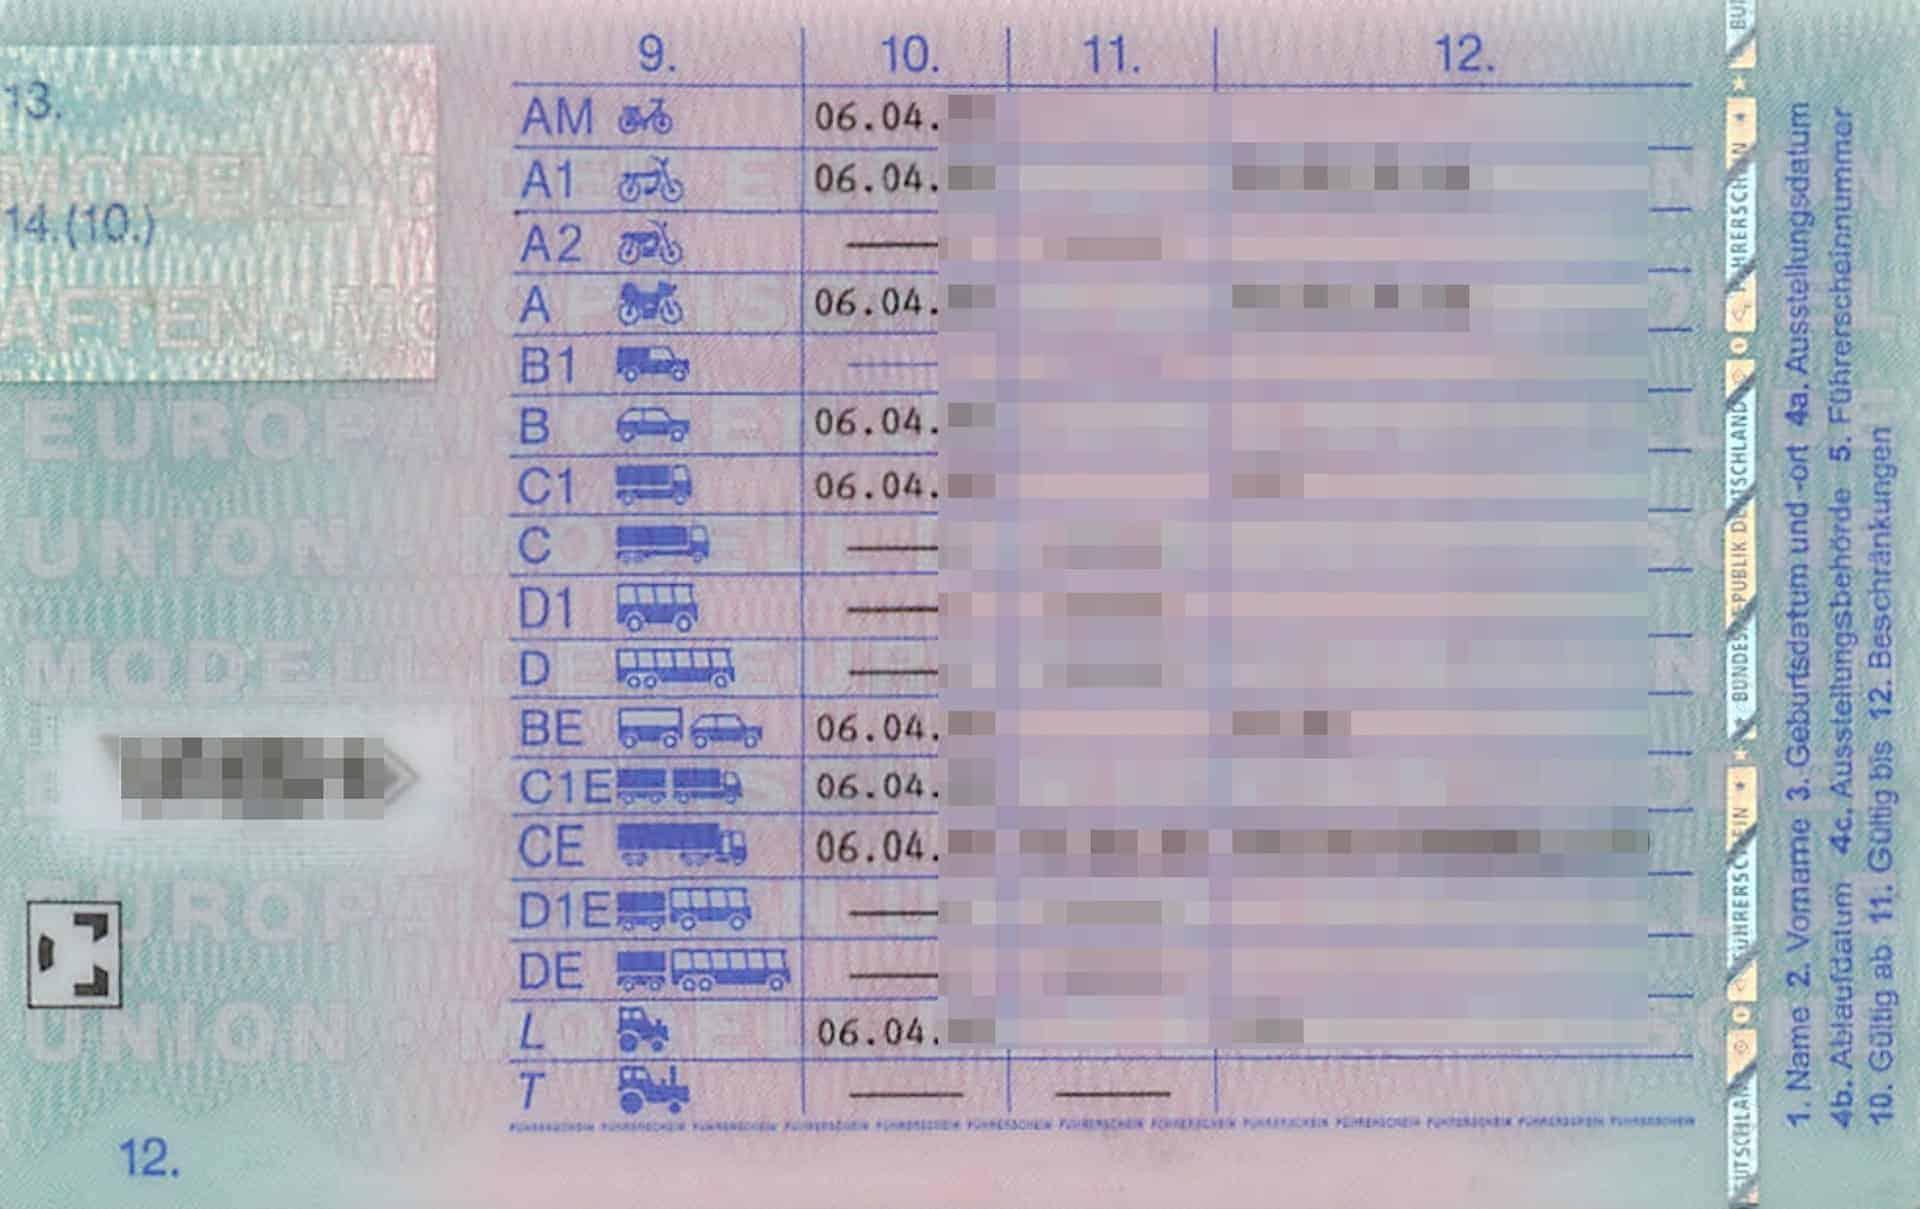 Führerschein_Rückseite_alle_Klassen